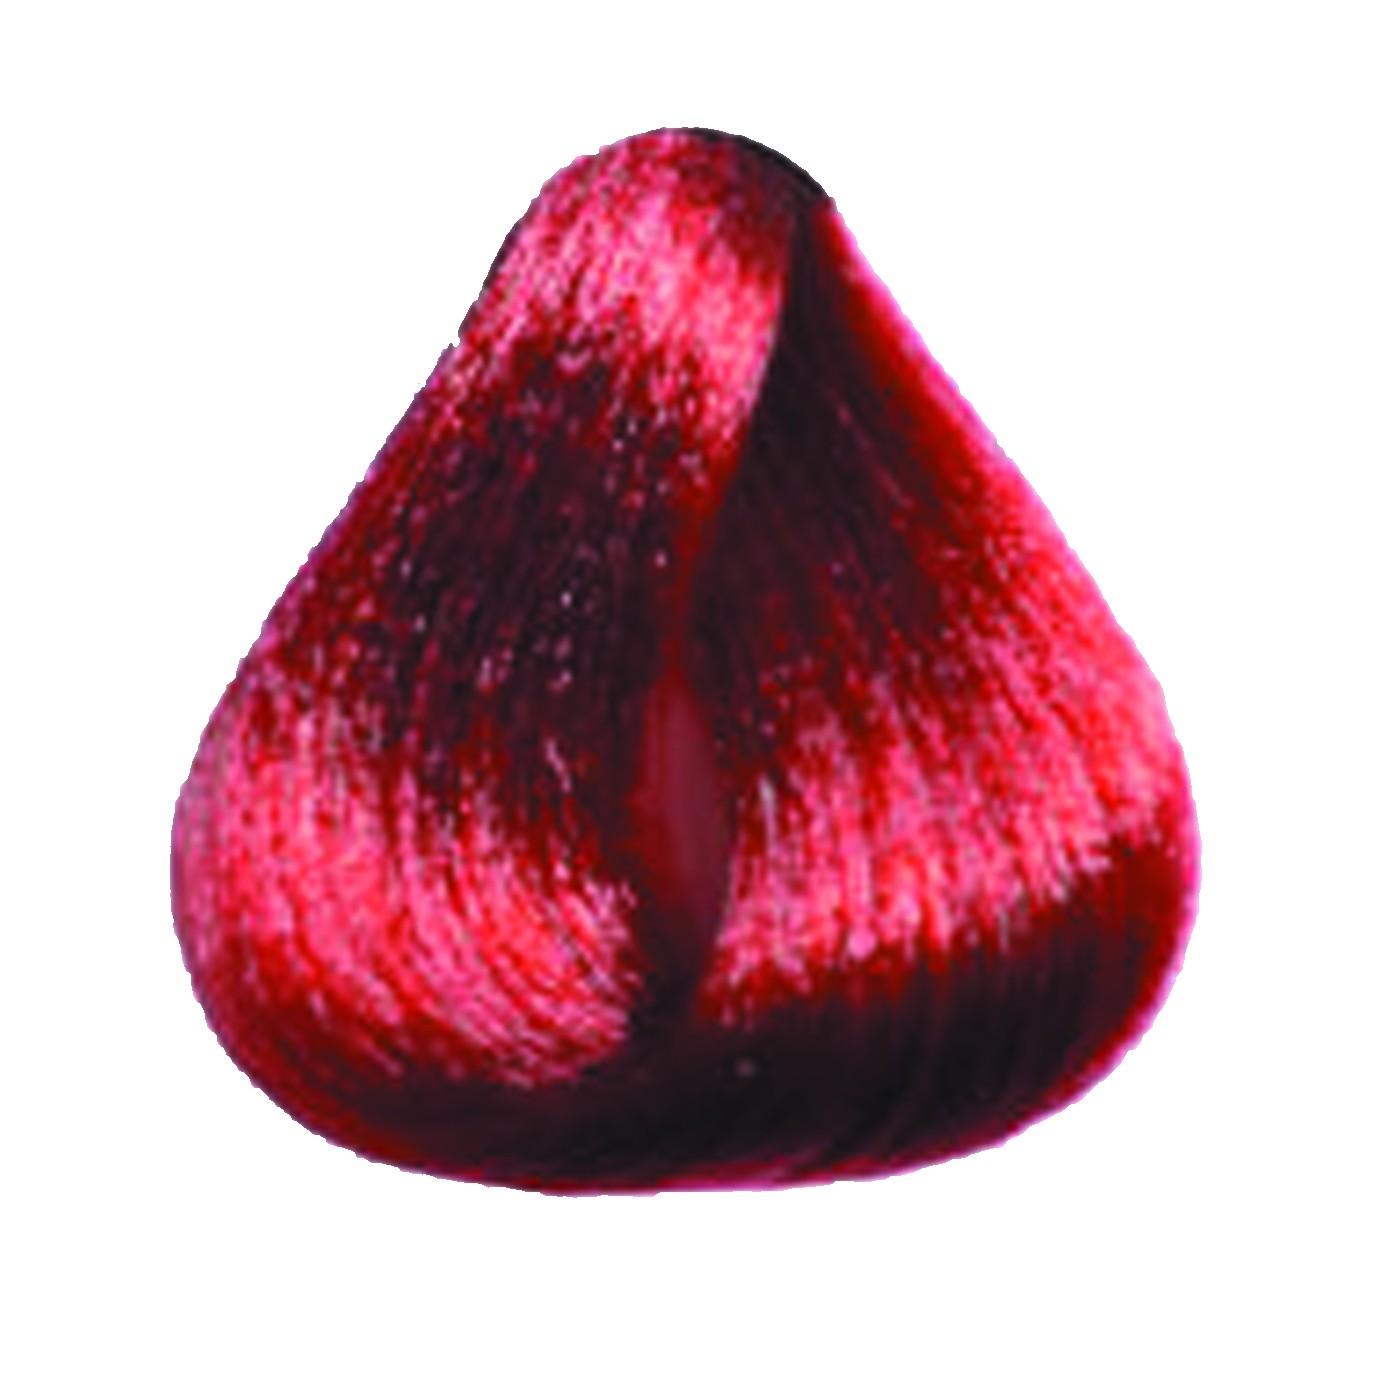 (6.66) بلوند شرابی قرمز تیره